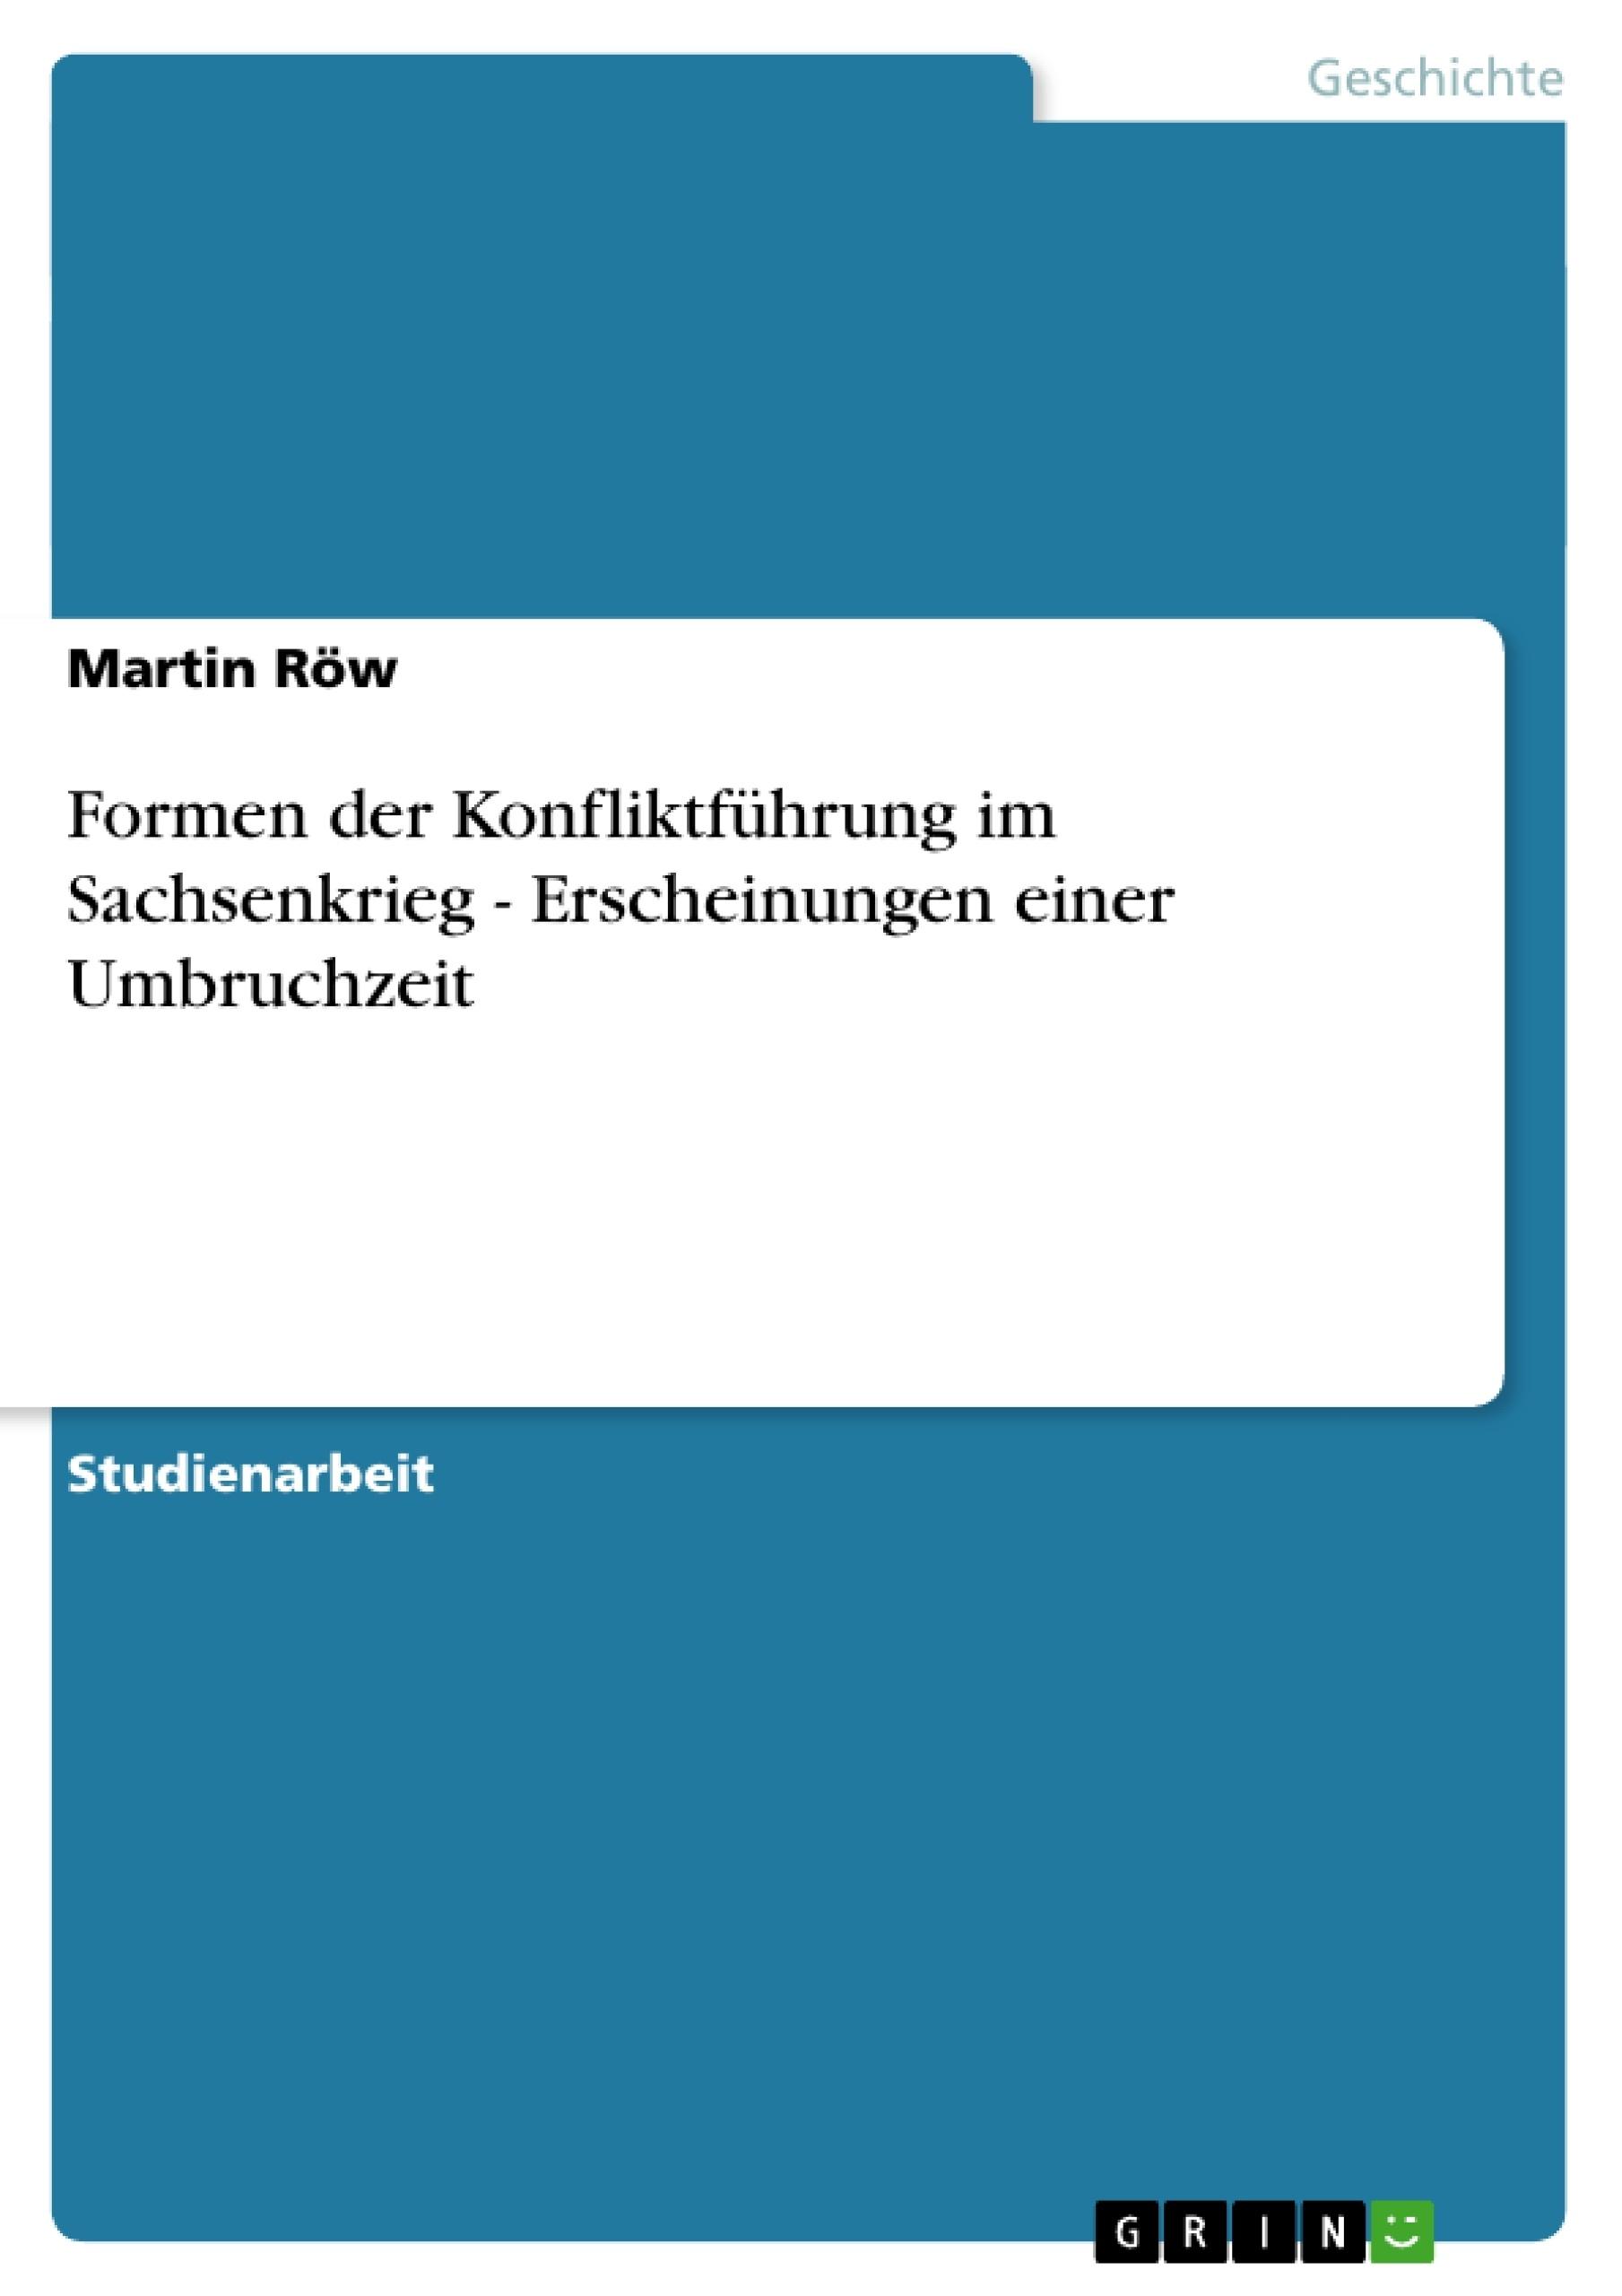 Titel: Formen der Konfliktführung im Sachsenkrieg - Erscheinungen einer Umbruchzeit